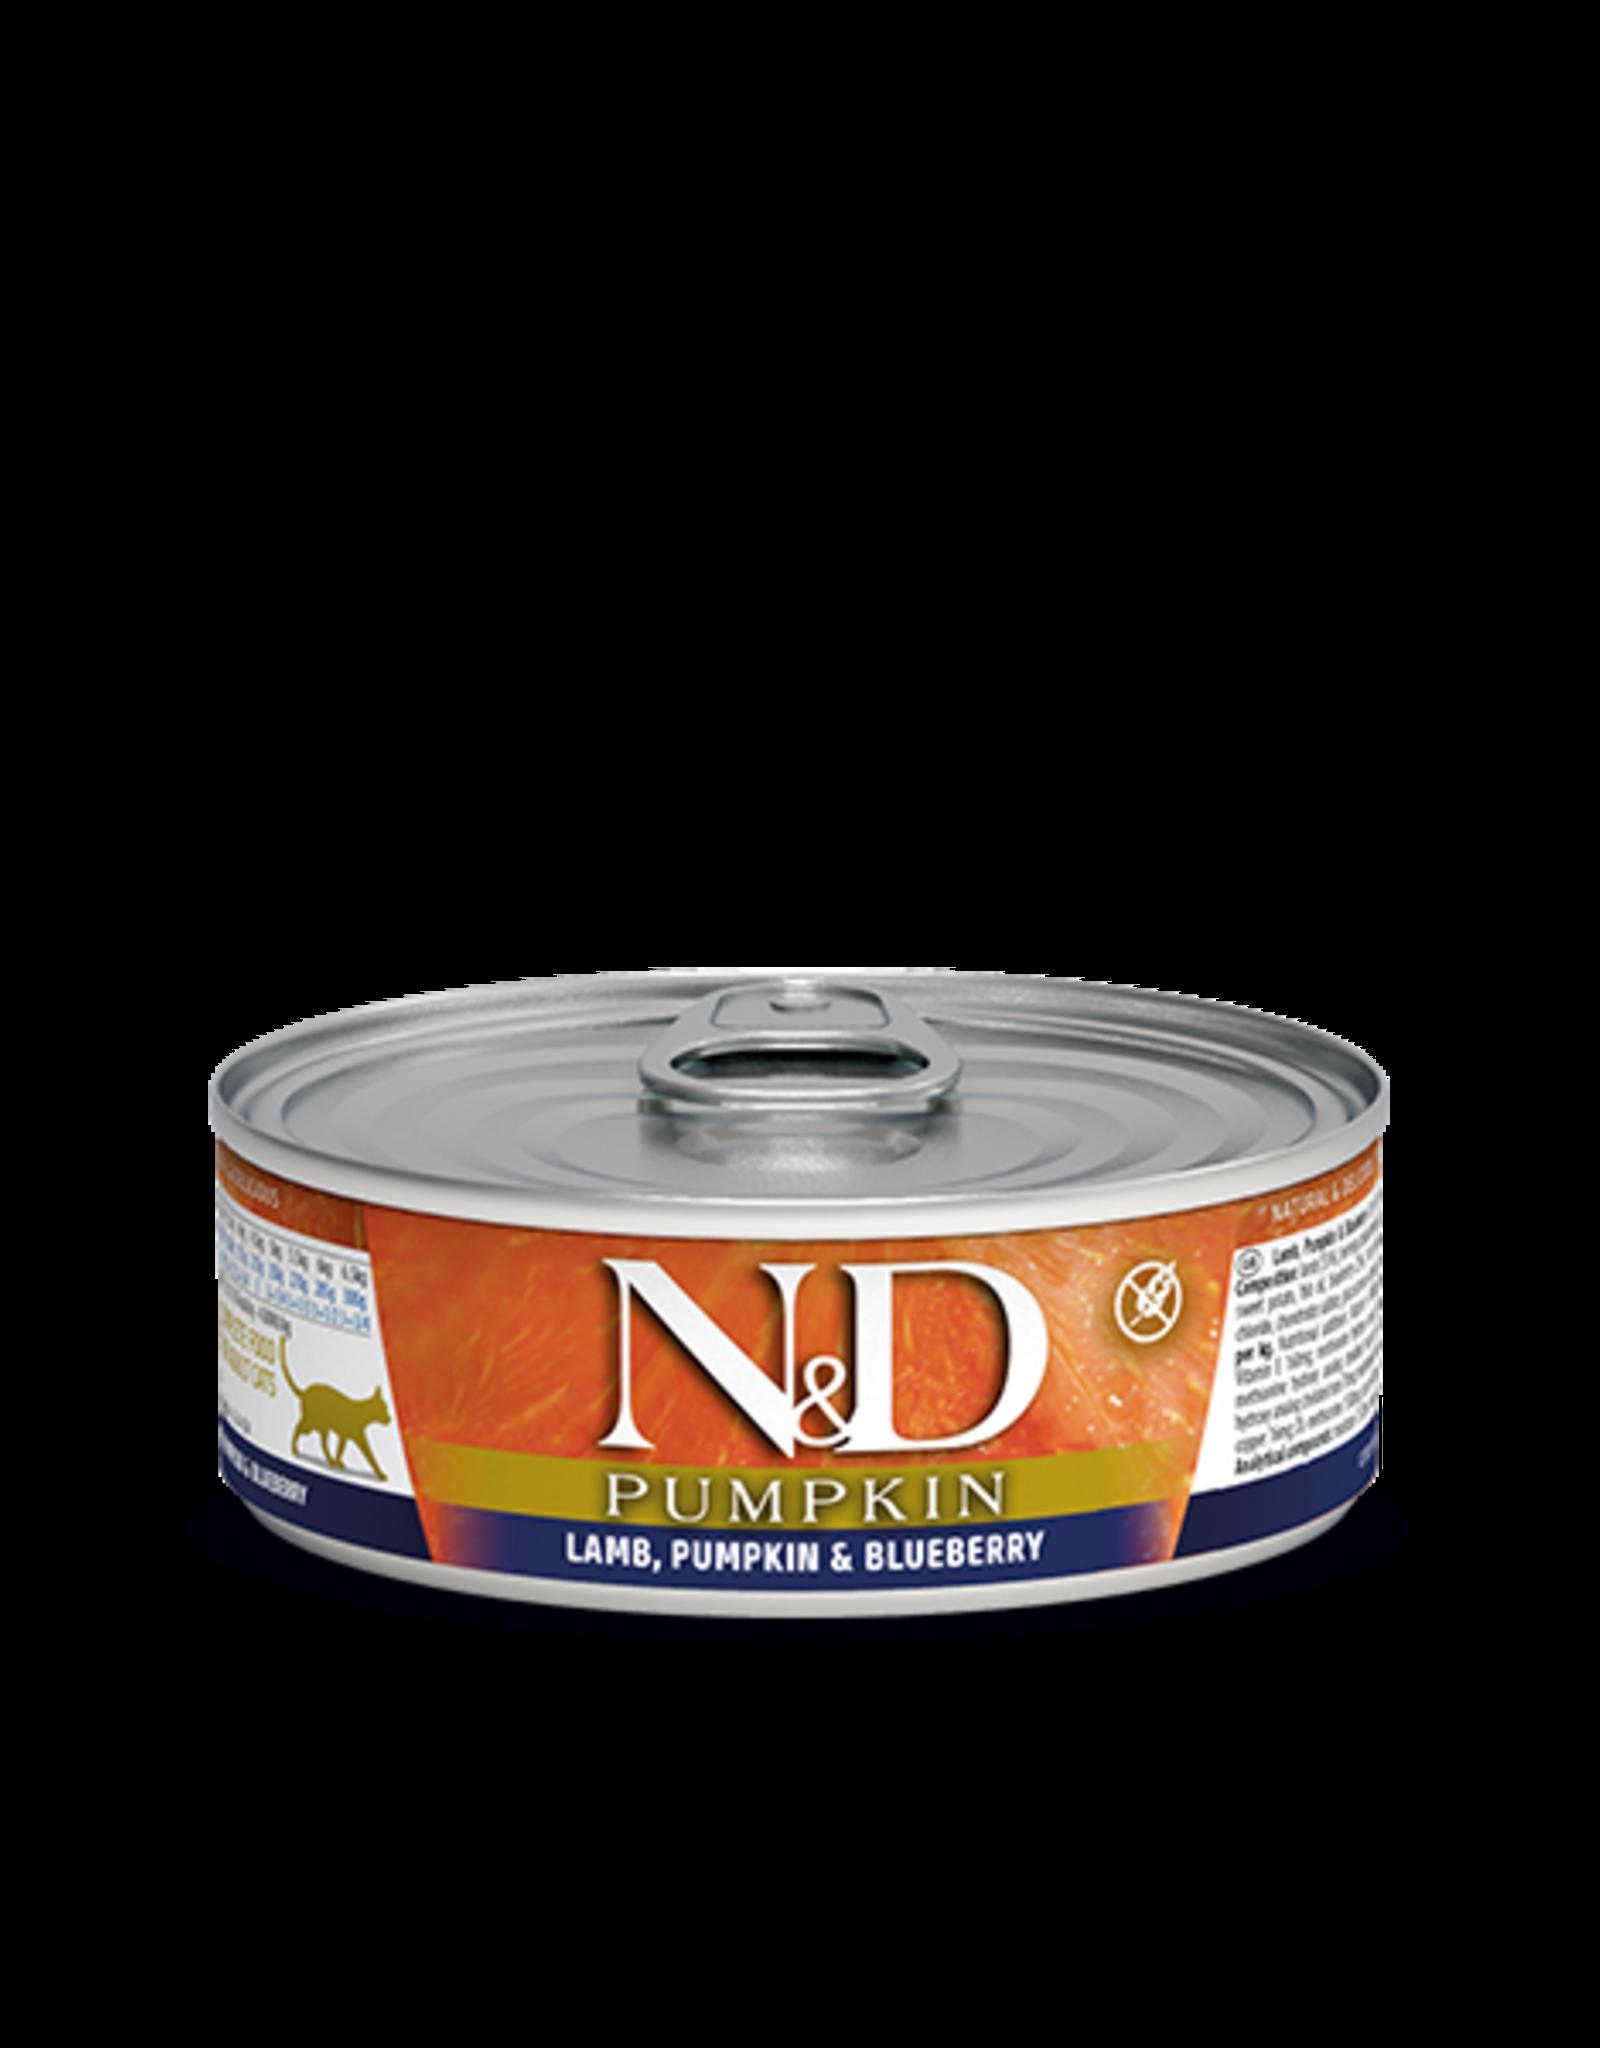 Farmina N&D Pumpkin Cat - lamb-blue berry 2.8oz